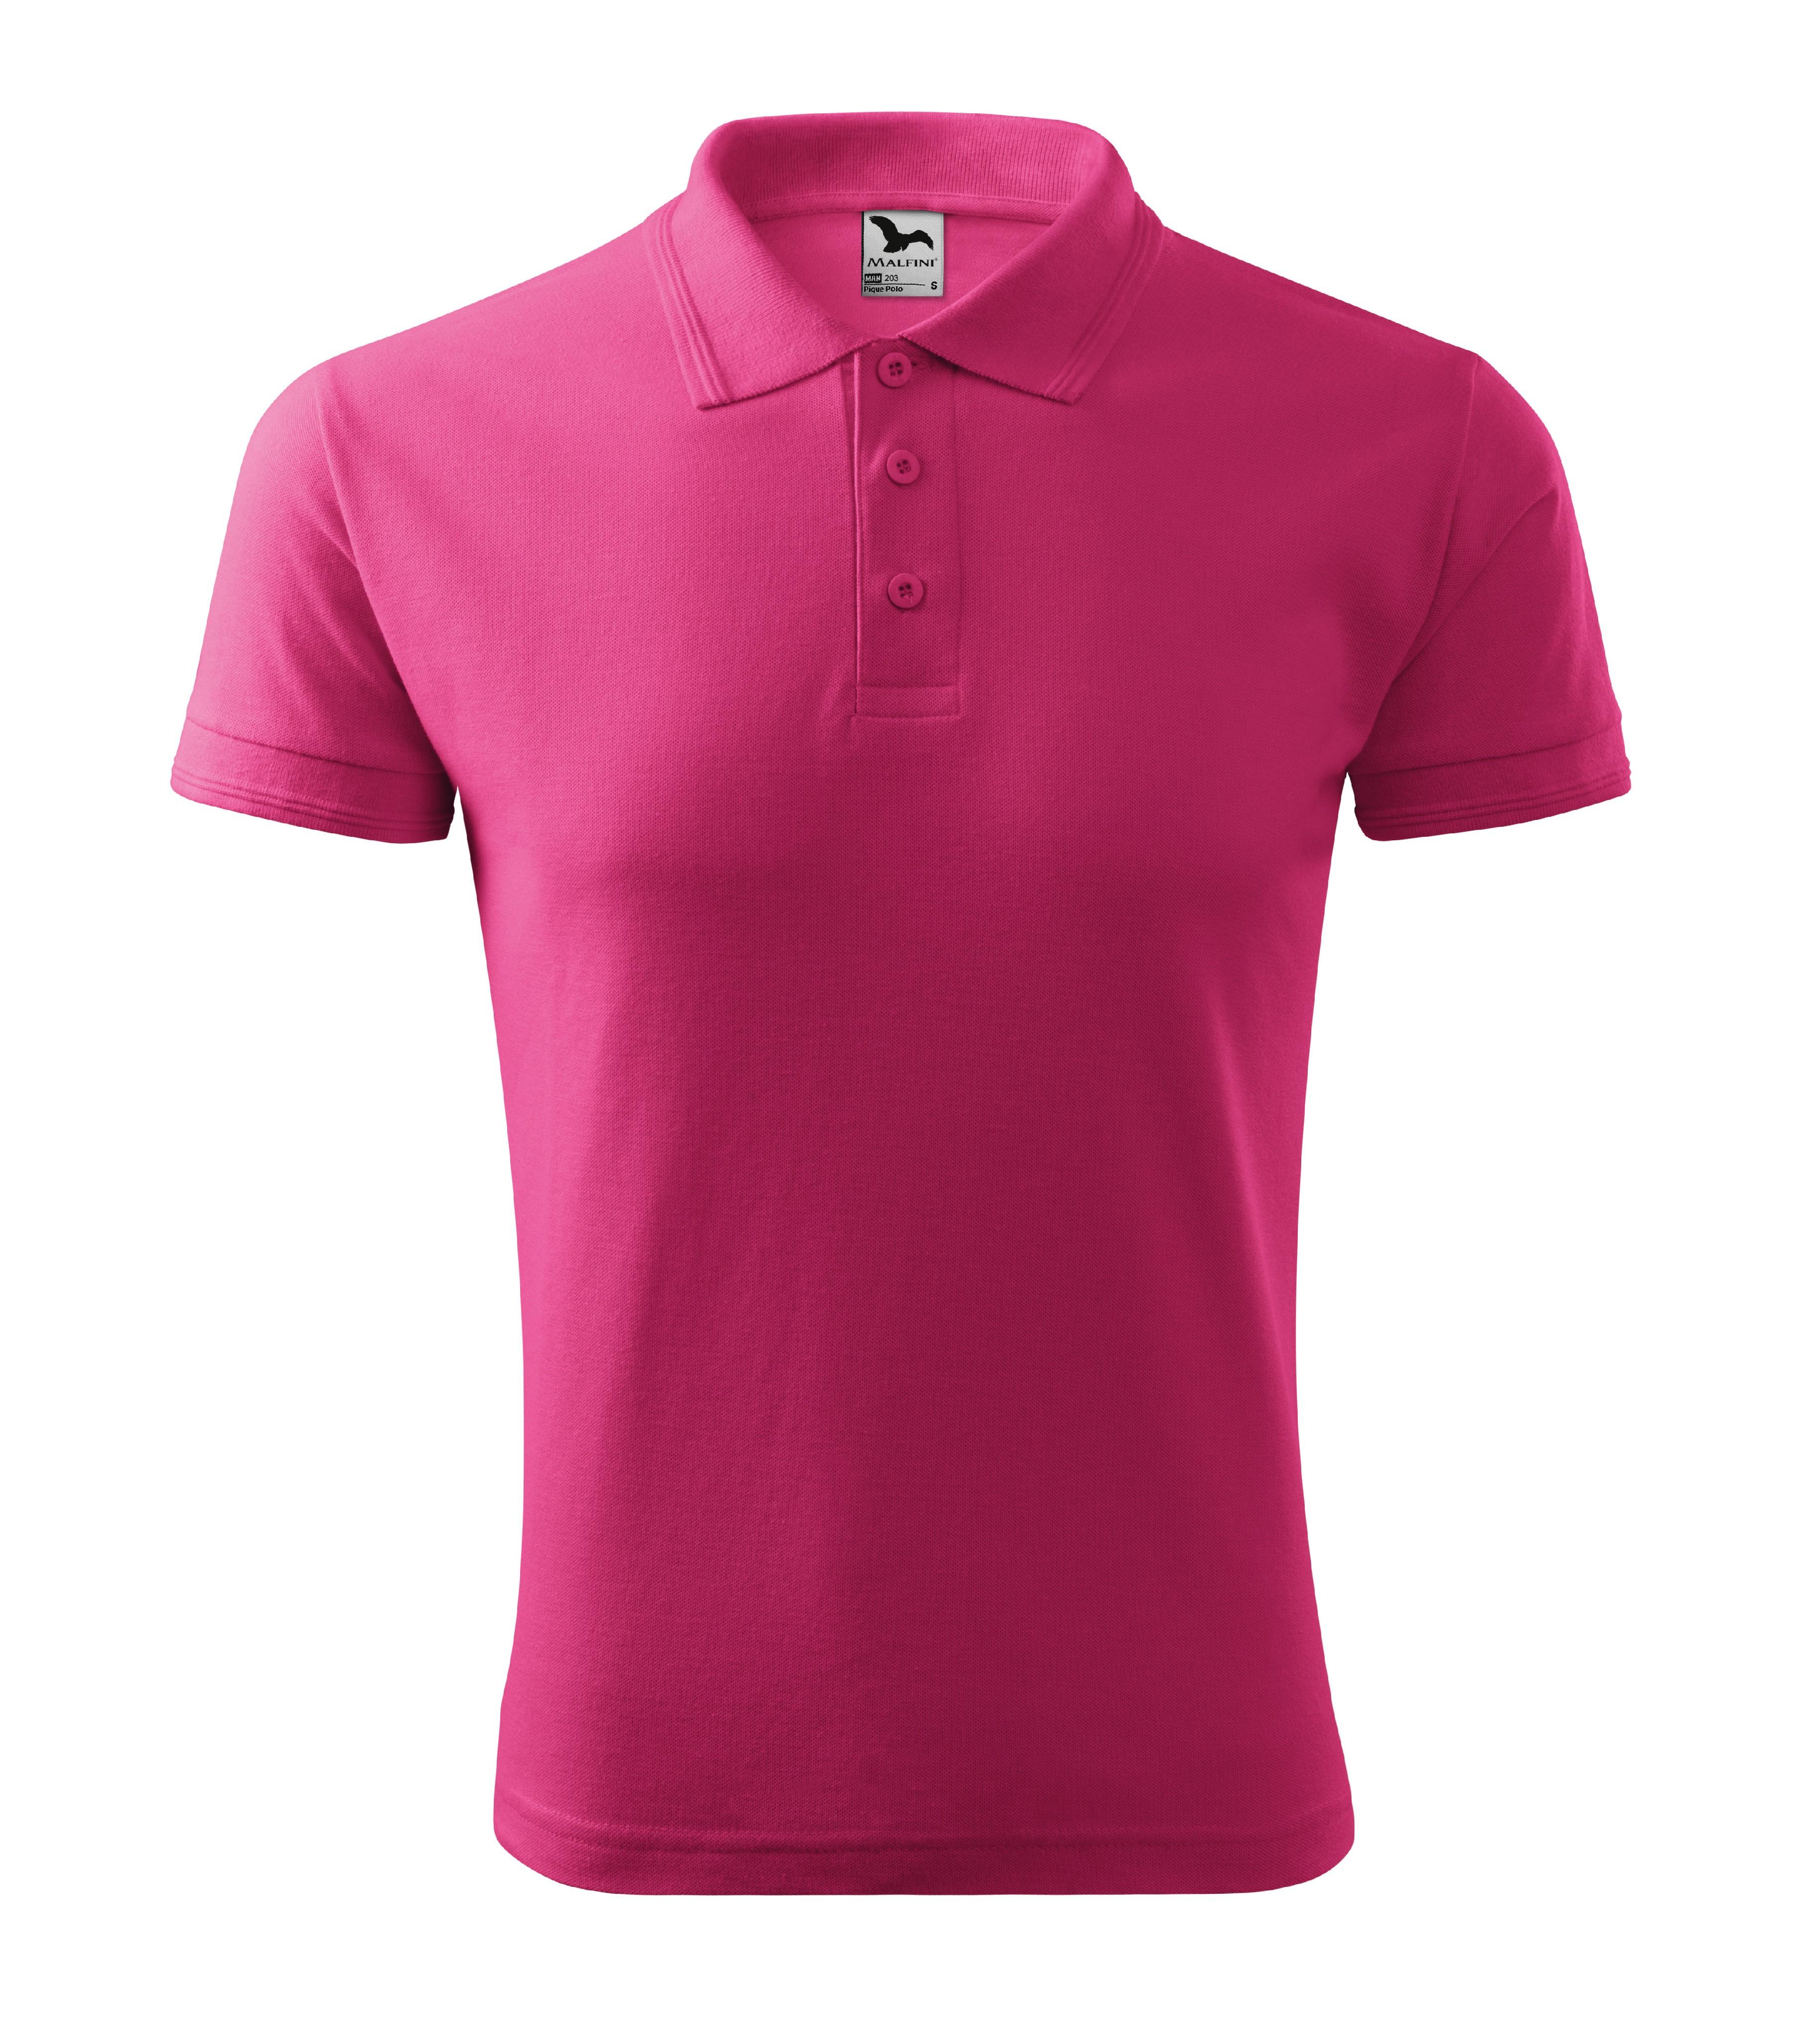 Polokošile pánská Pique Polo Barva: purpurová, Velikost: L